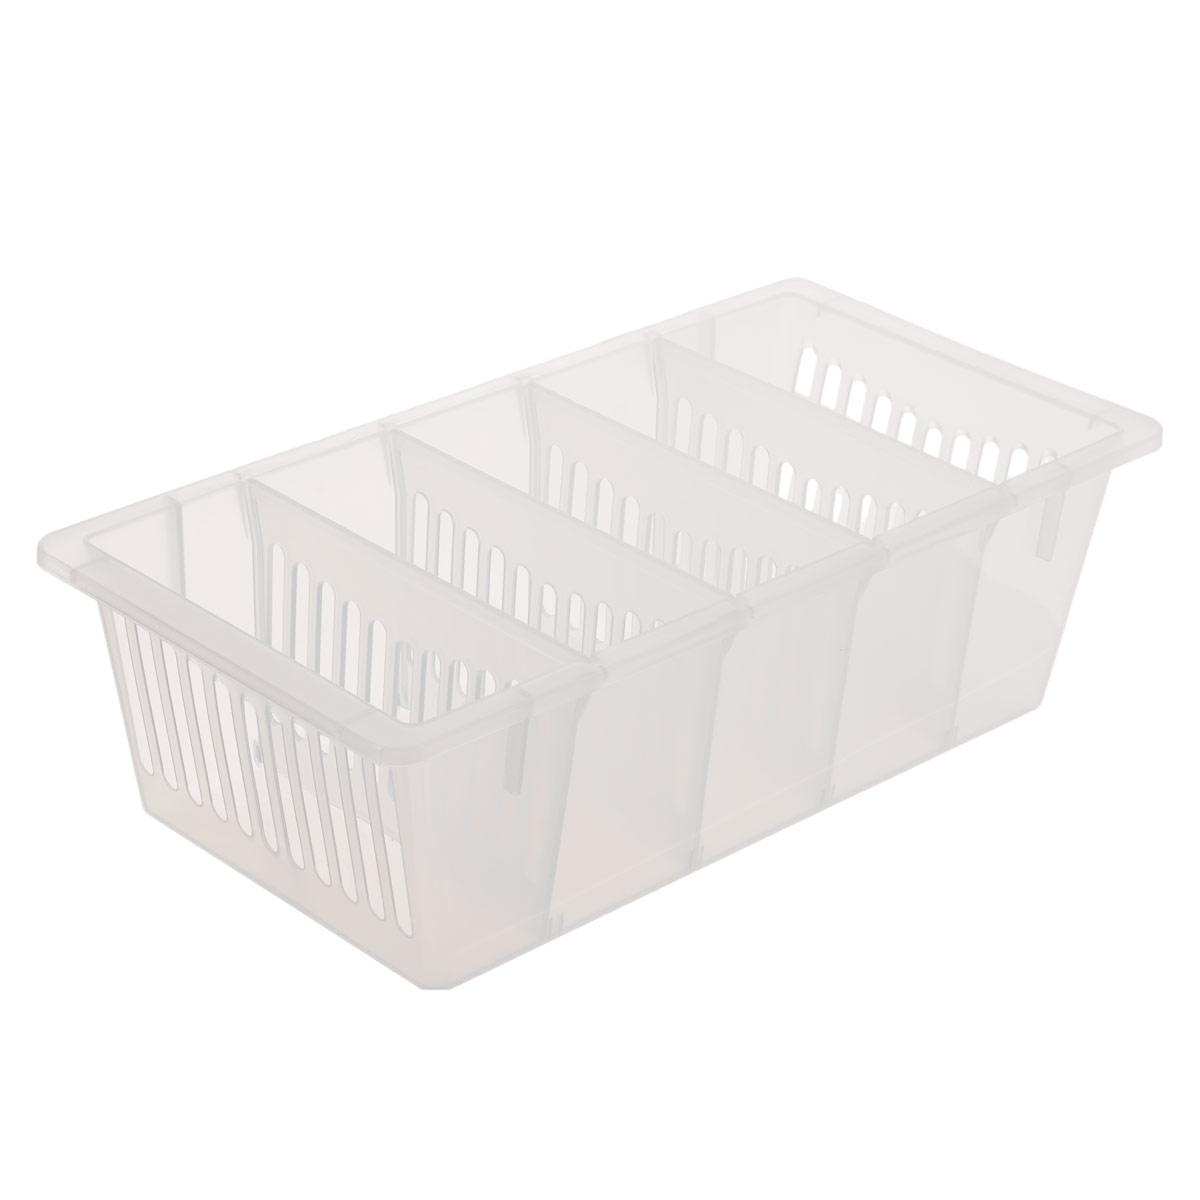 """Контейнер для специй """"Полимербыт"""", изготовленный из высококачественного прочного полипропилена, оснащен переставными перегородками. Стенки контейнера снабжены высокими бортиками. Контейнер с пятью отделениями внутри идеально подходит для хранения различных специй в пакетиках.  Практичный контейнер пригодится в любом хозяйстве и поможет аккуратно хранить все приправы.Размер отделения: 12,5 см х 5 см х 8,5 см."""